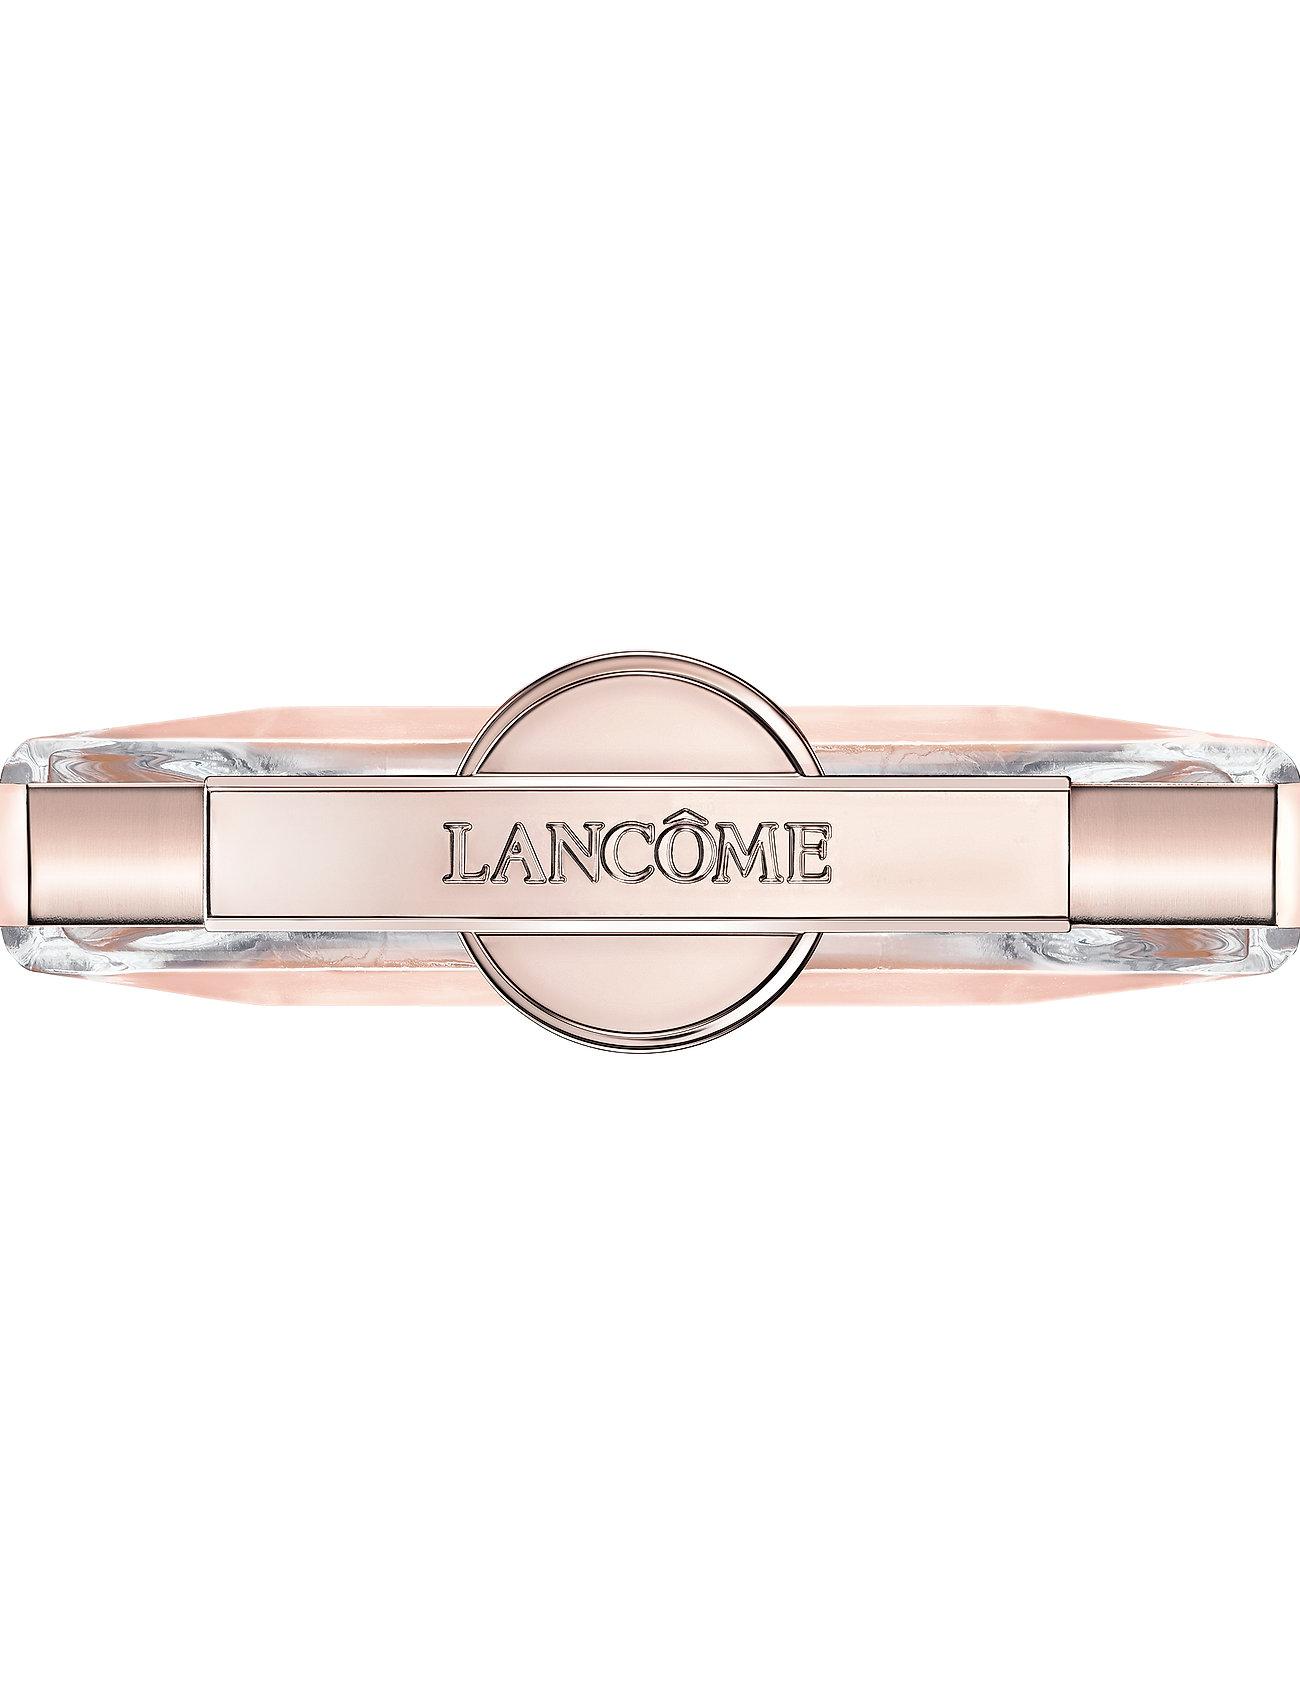 Lancôme - Idôle Eau de Parfum 25 ml - parfume - no colour - 1